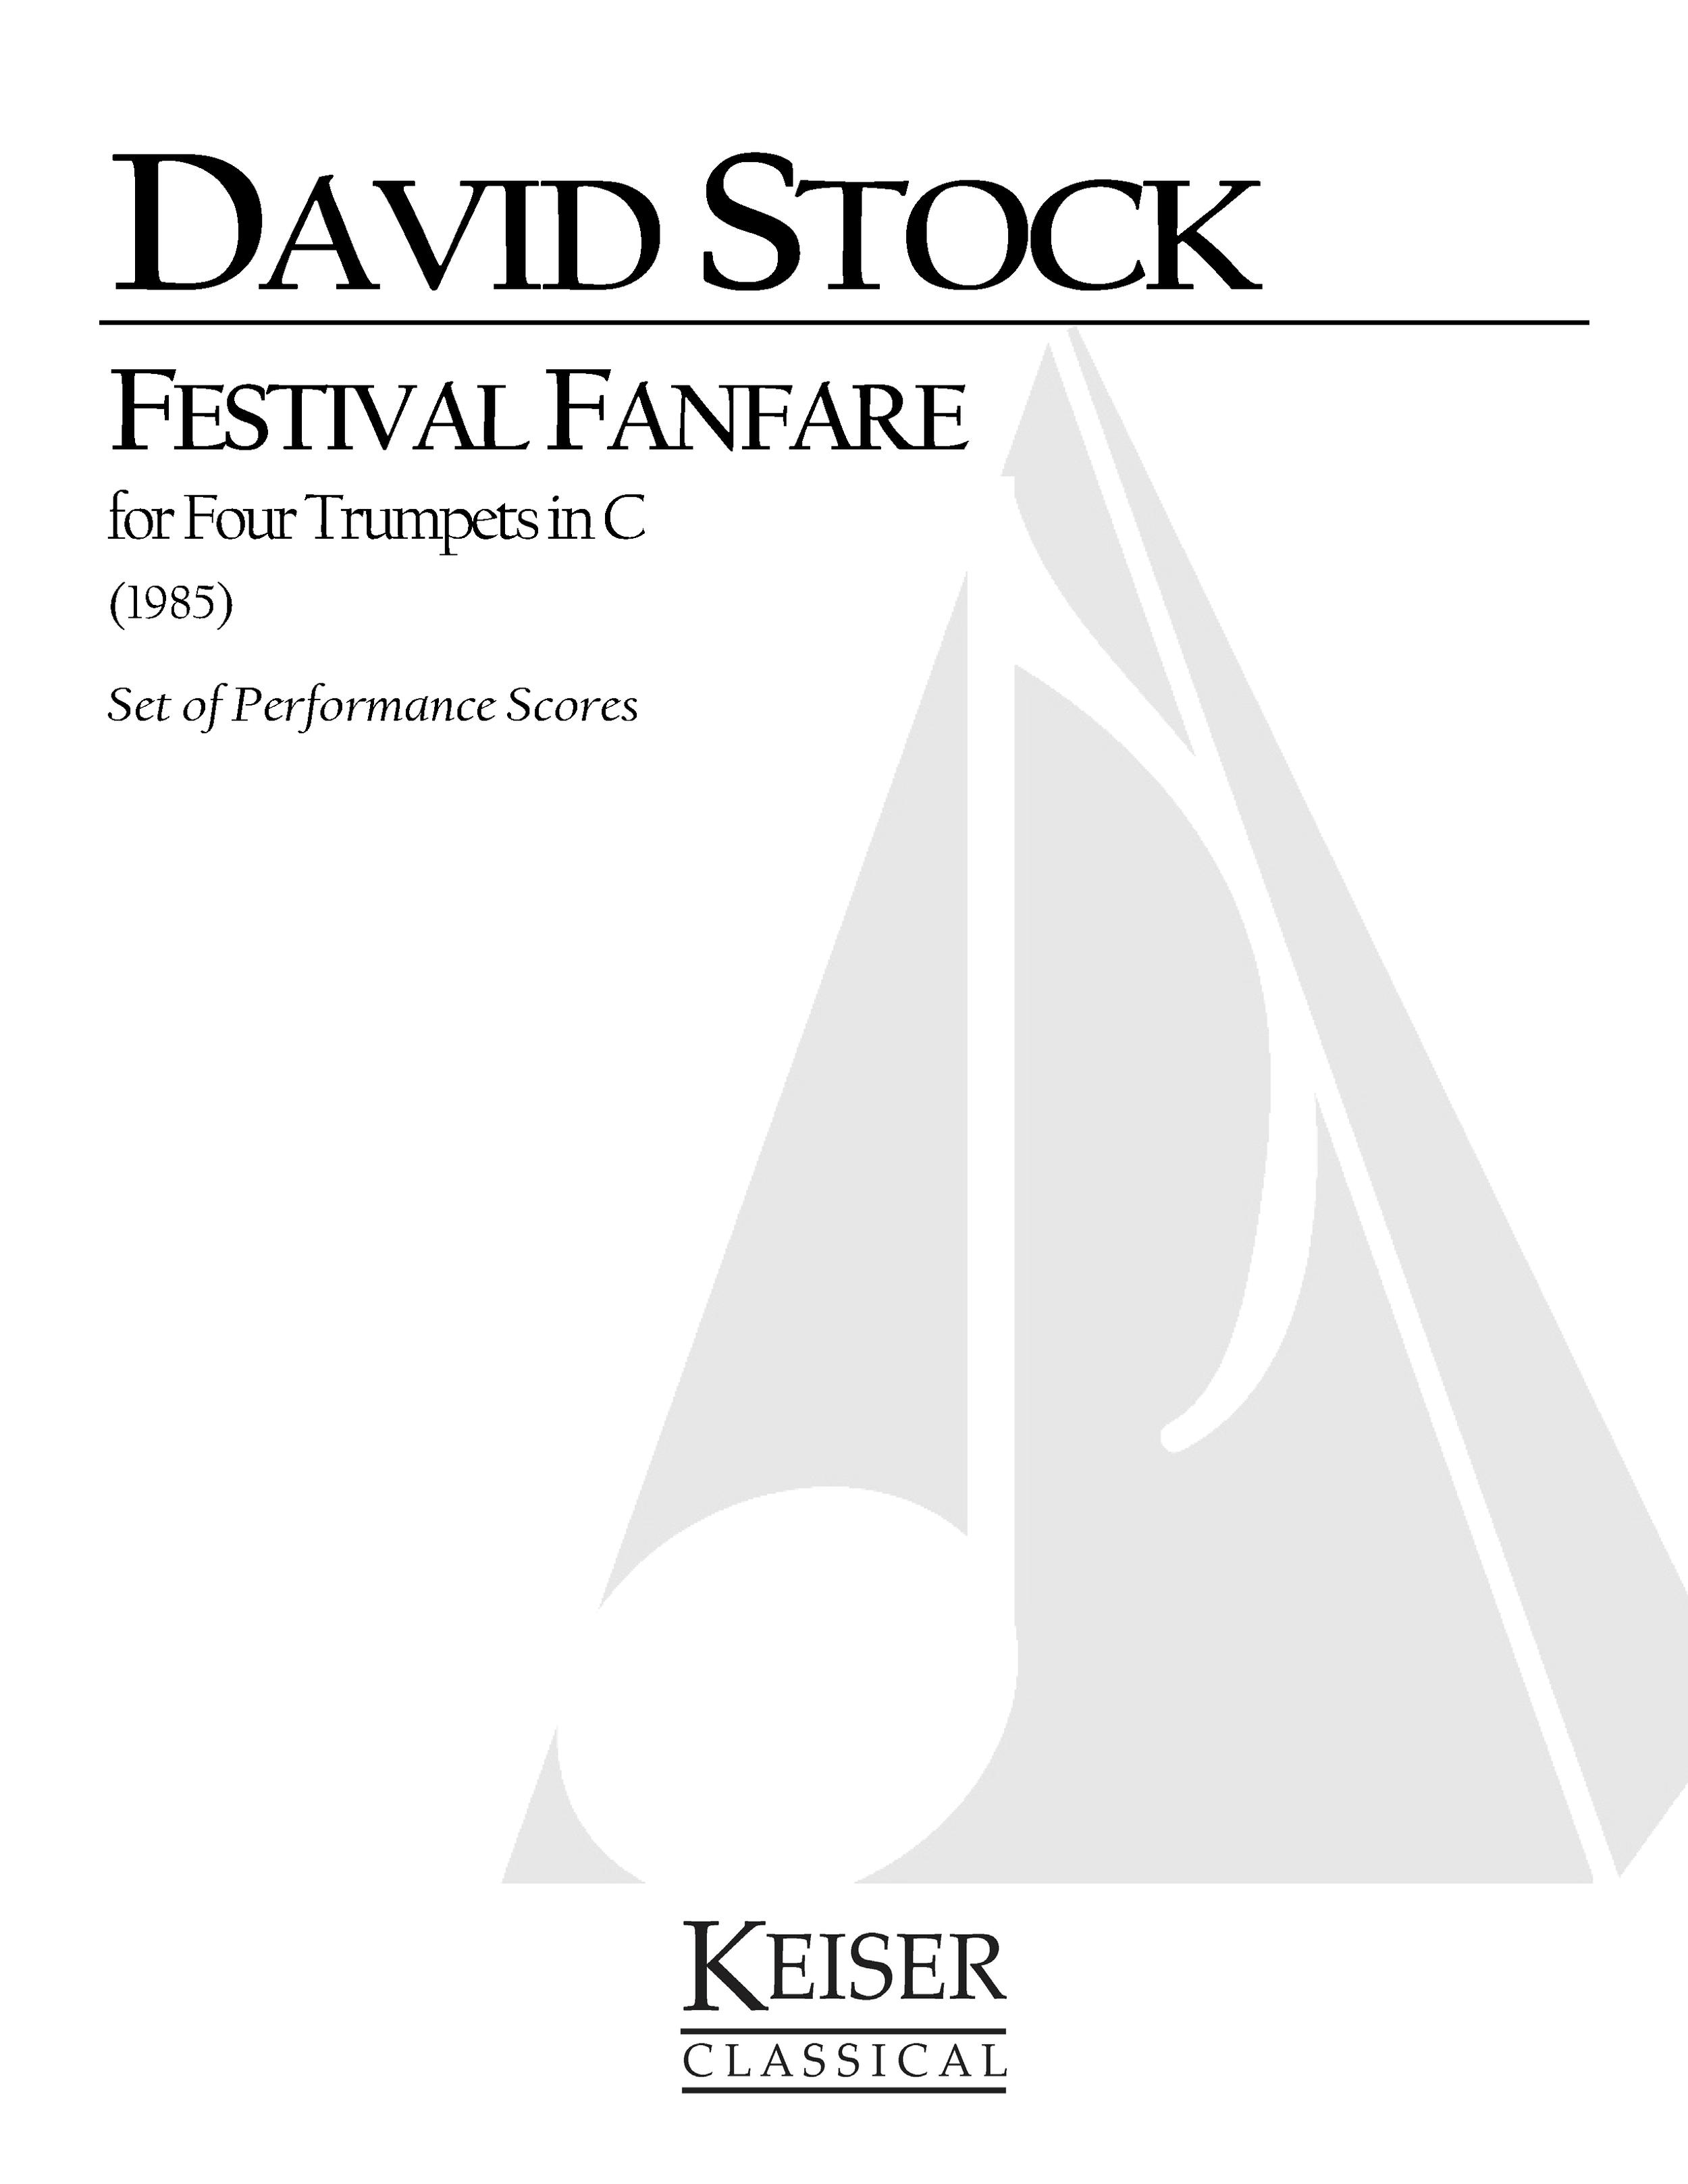 Festival Fanfare (1985) - 4 TrumpetsRent/Buy:Keiser Music